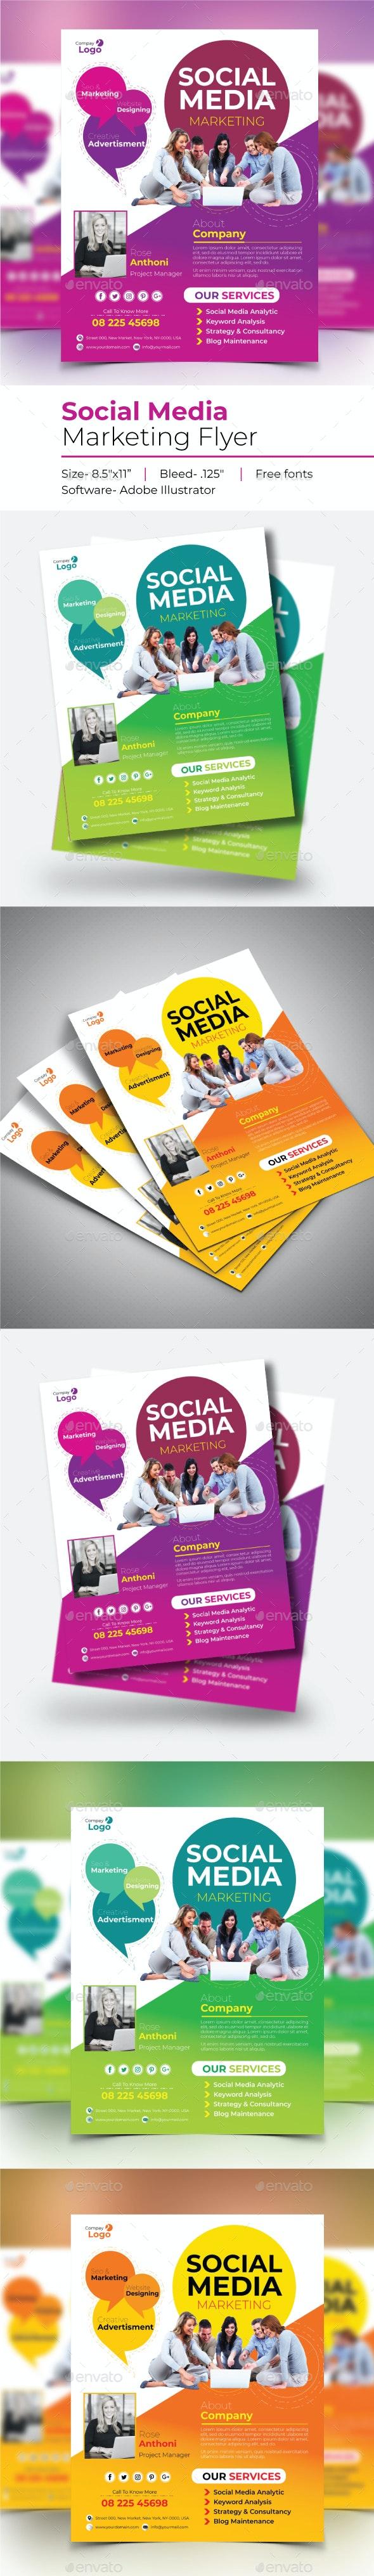 Social Media Marketing Flyer - Flyers Print Templates